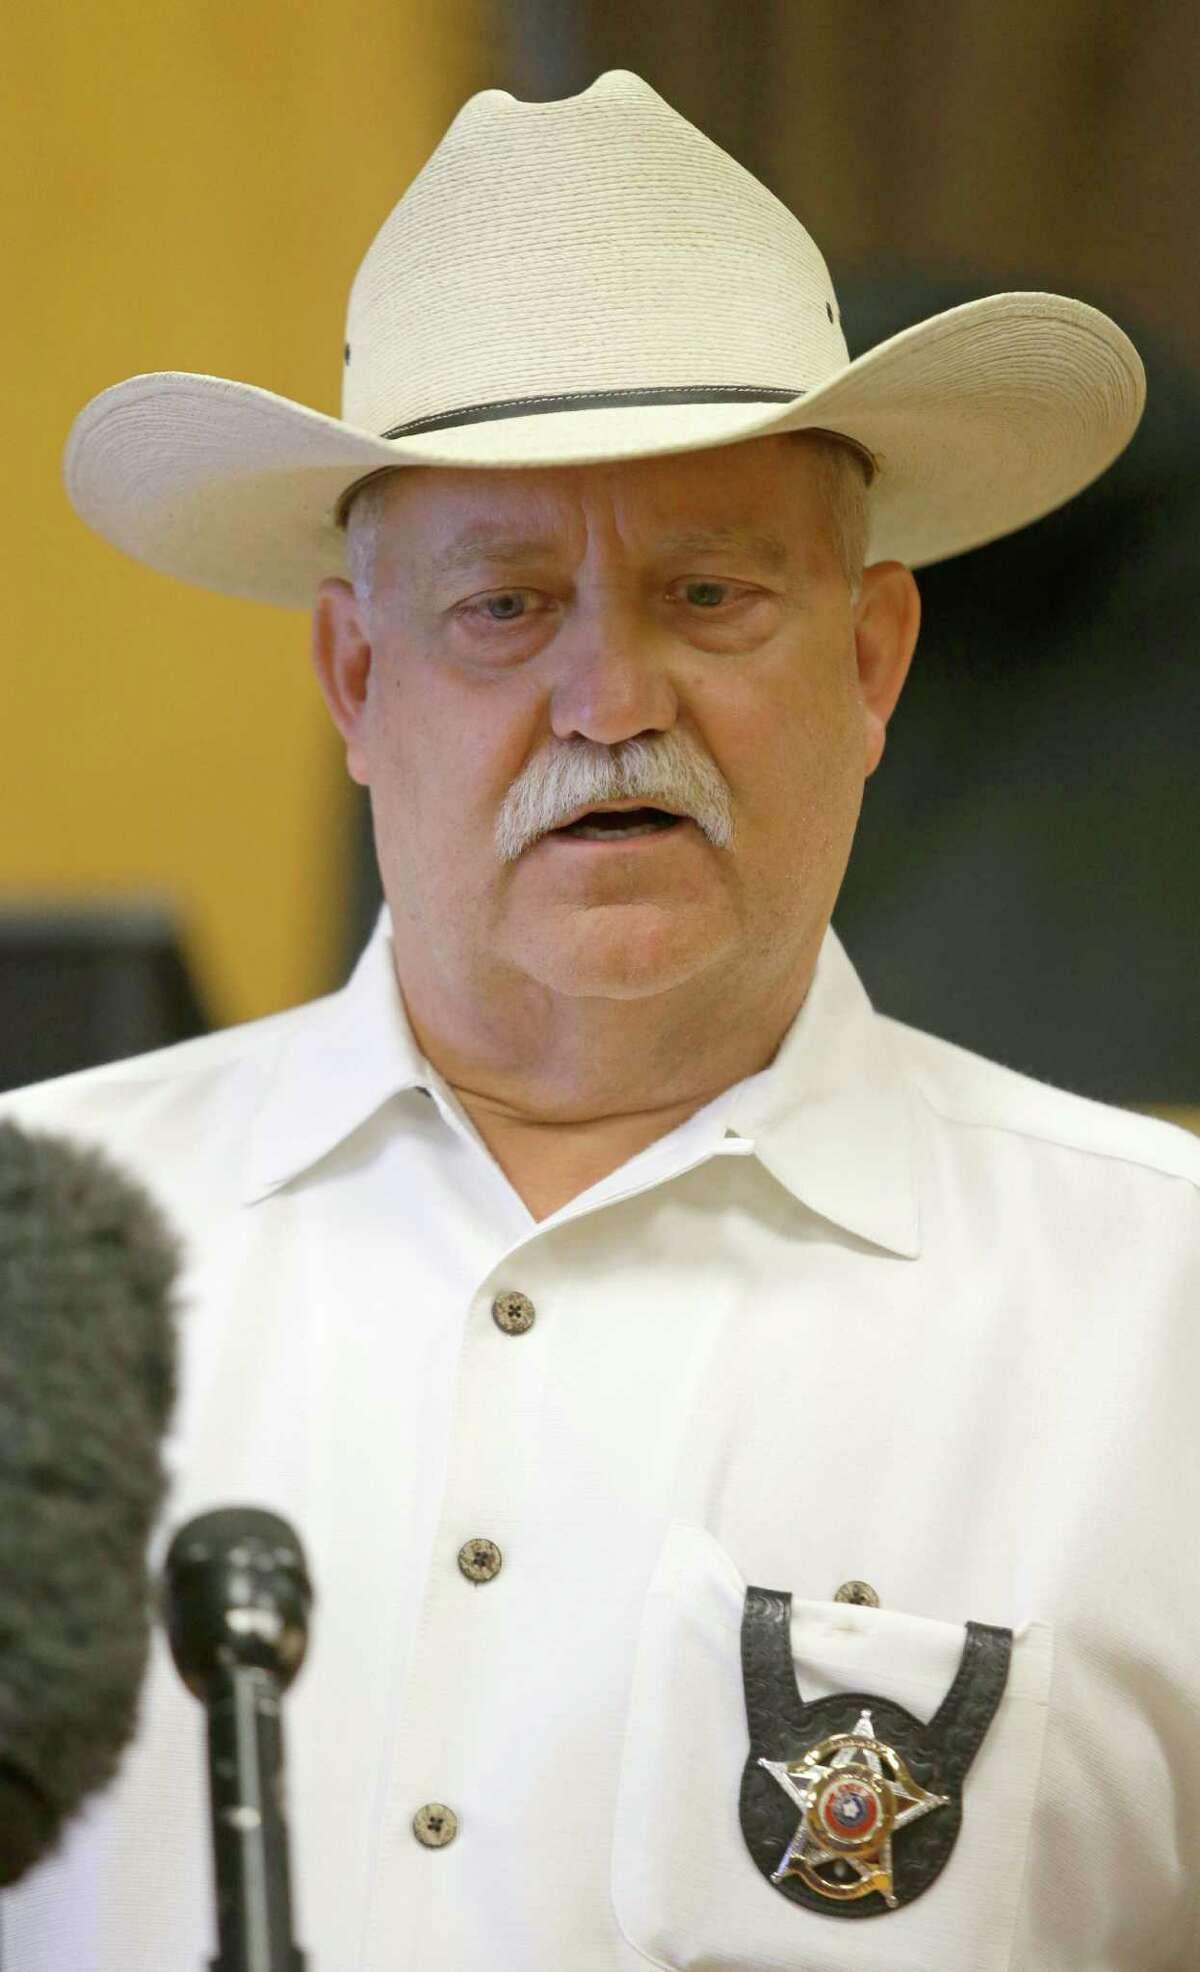 Waller County Sheriff R. Glenn Smith speaks to the media Thursday, July 16, 2015, in Waller.